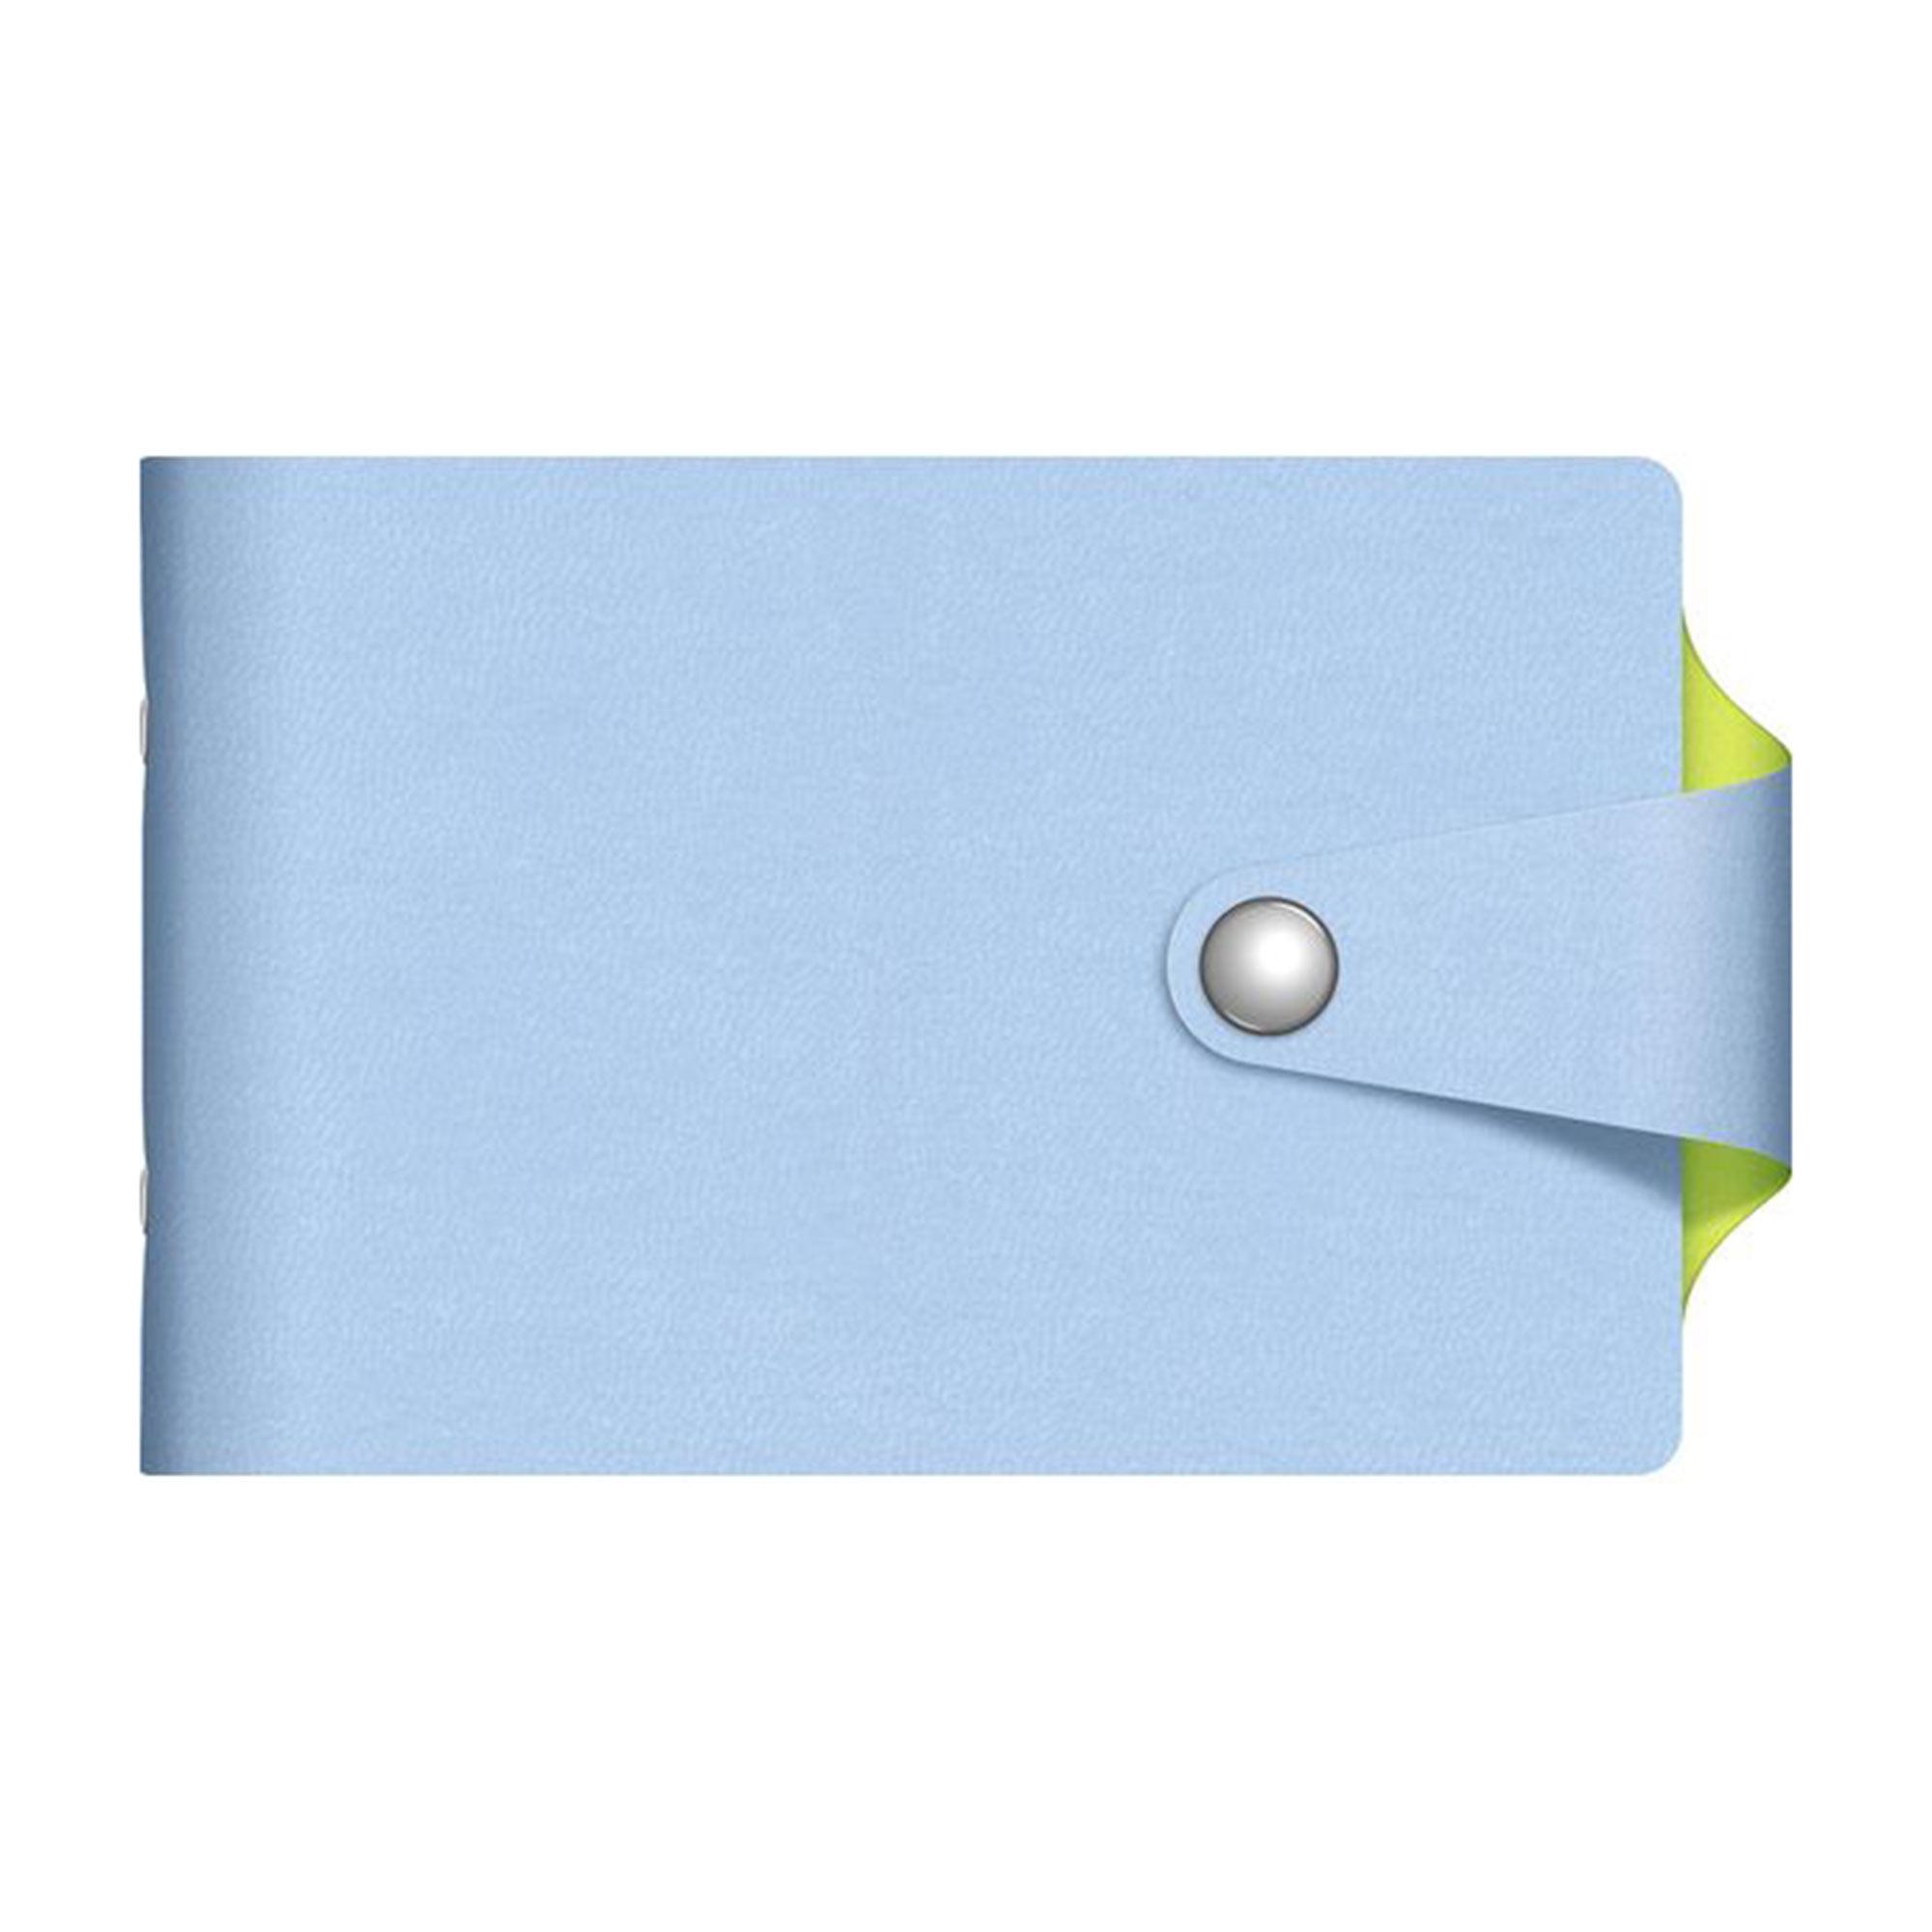 Визитница Hatber 12 карманов Vivella Bicolour голубой/салатовый